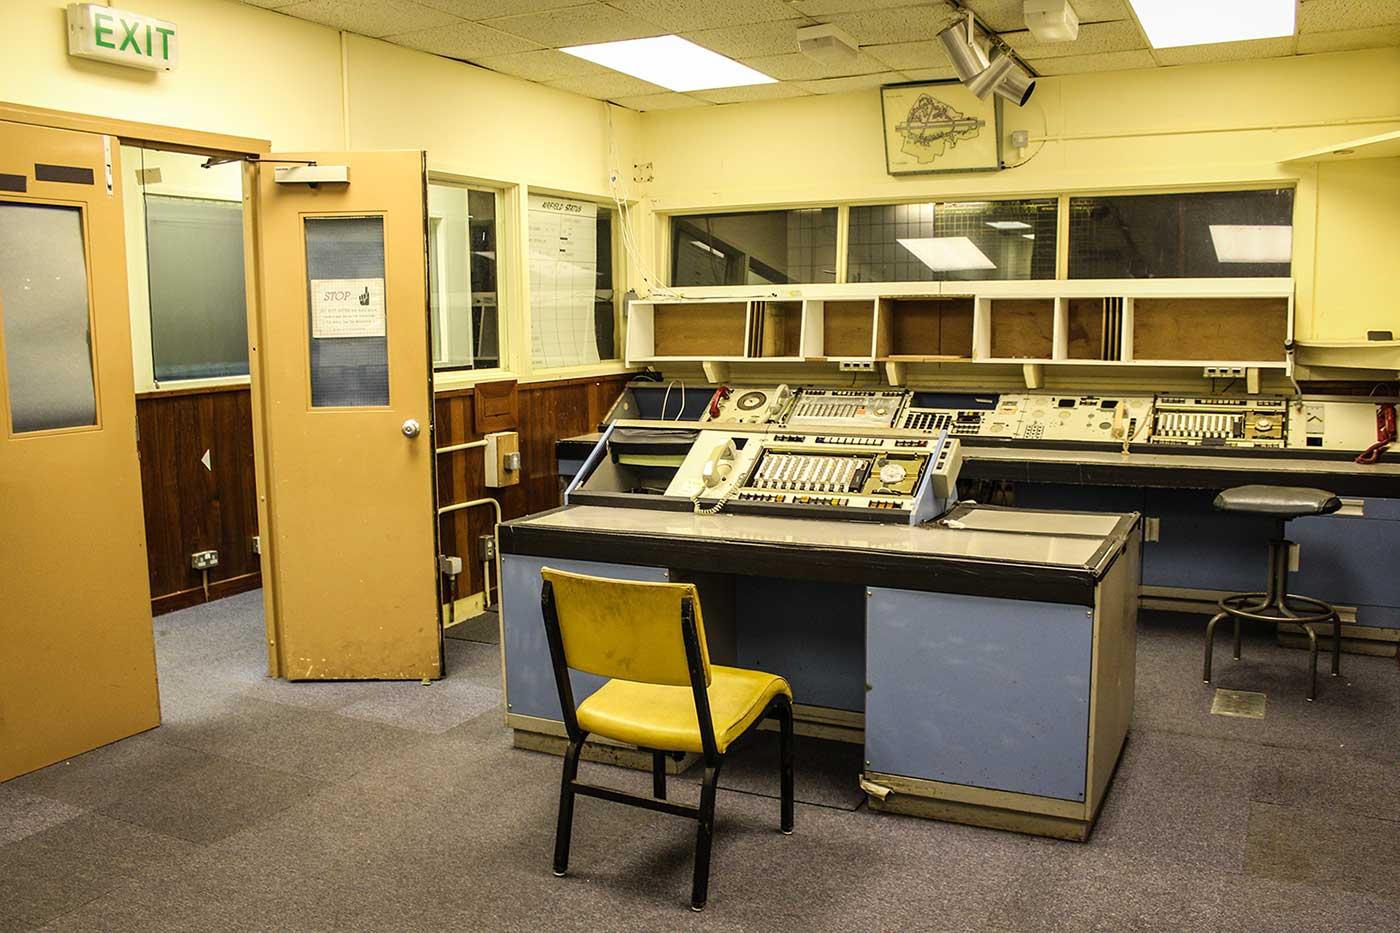 USAF Upper Heyford - 10 Mission Control 12